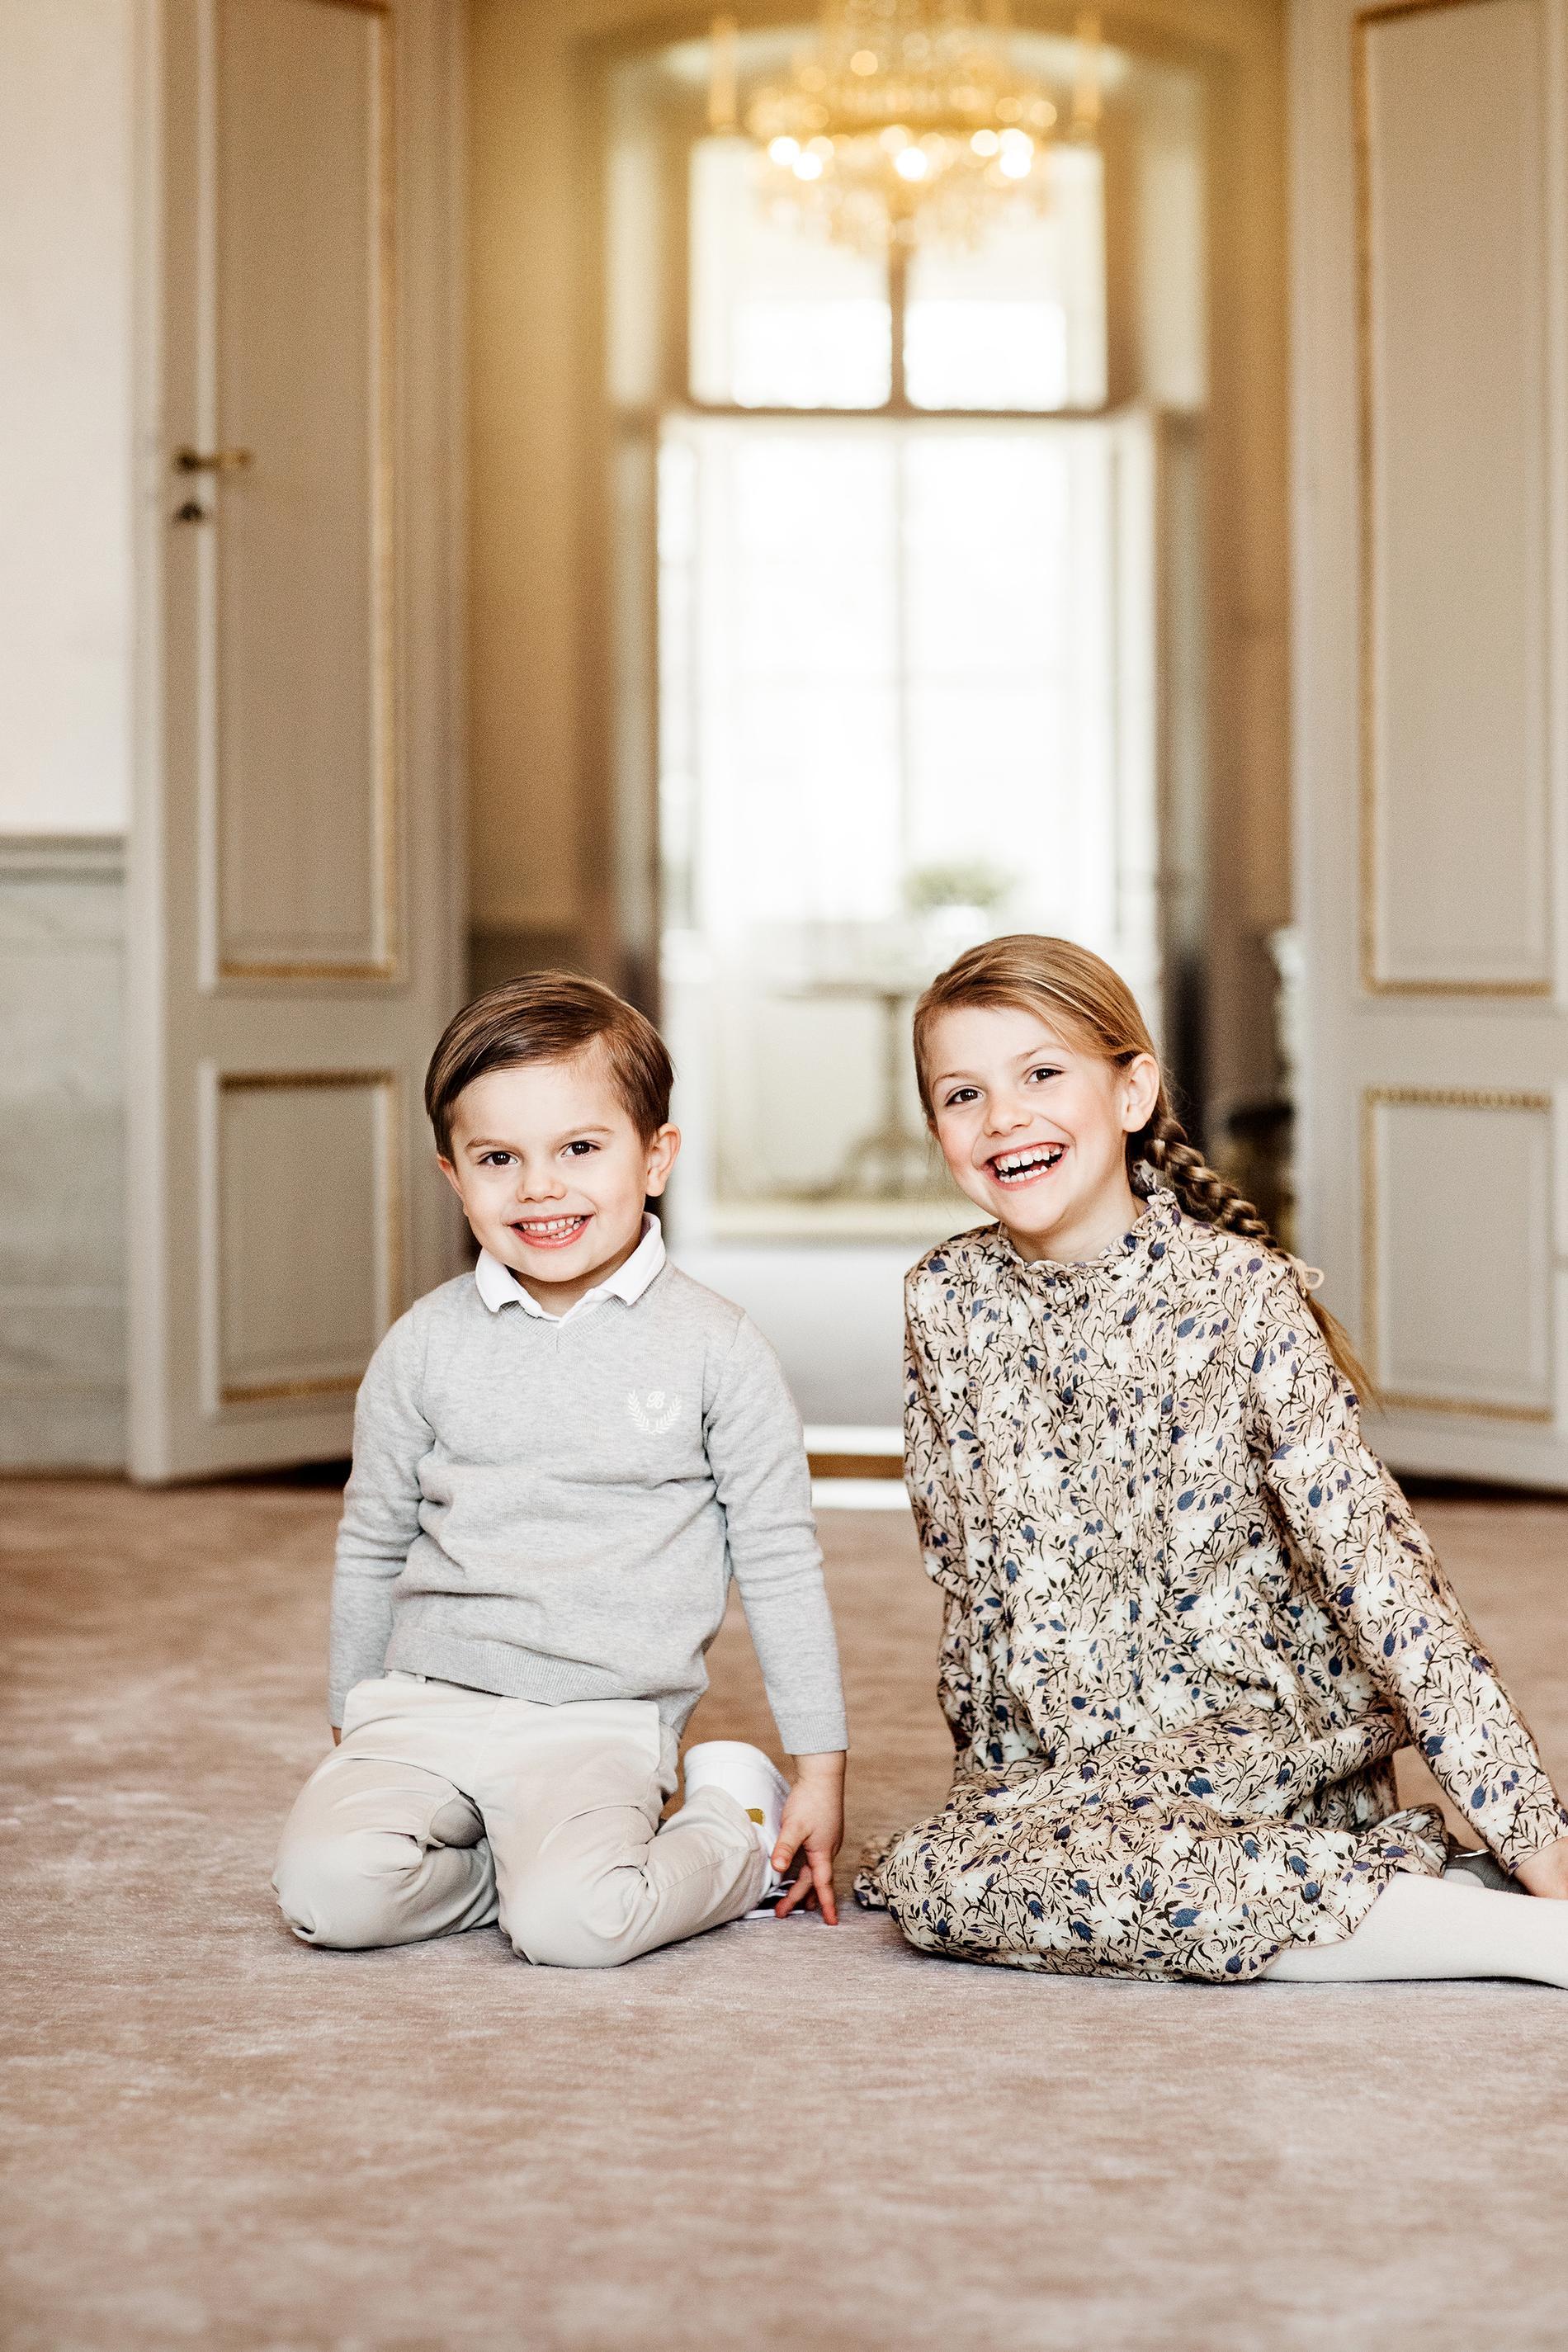 Prinsessan Estelle tillsammans med lillebror Prins Oscar på prinsessans åttaårsdag.